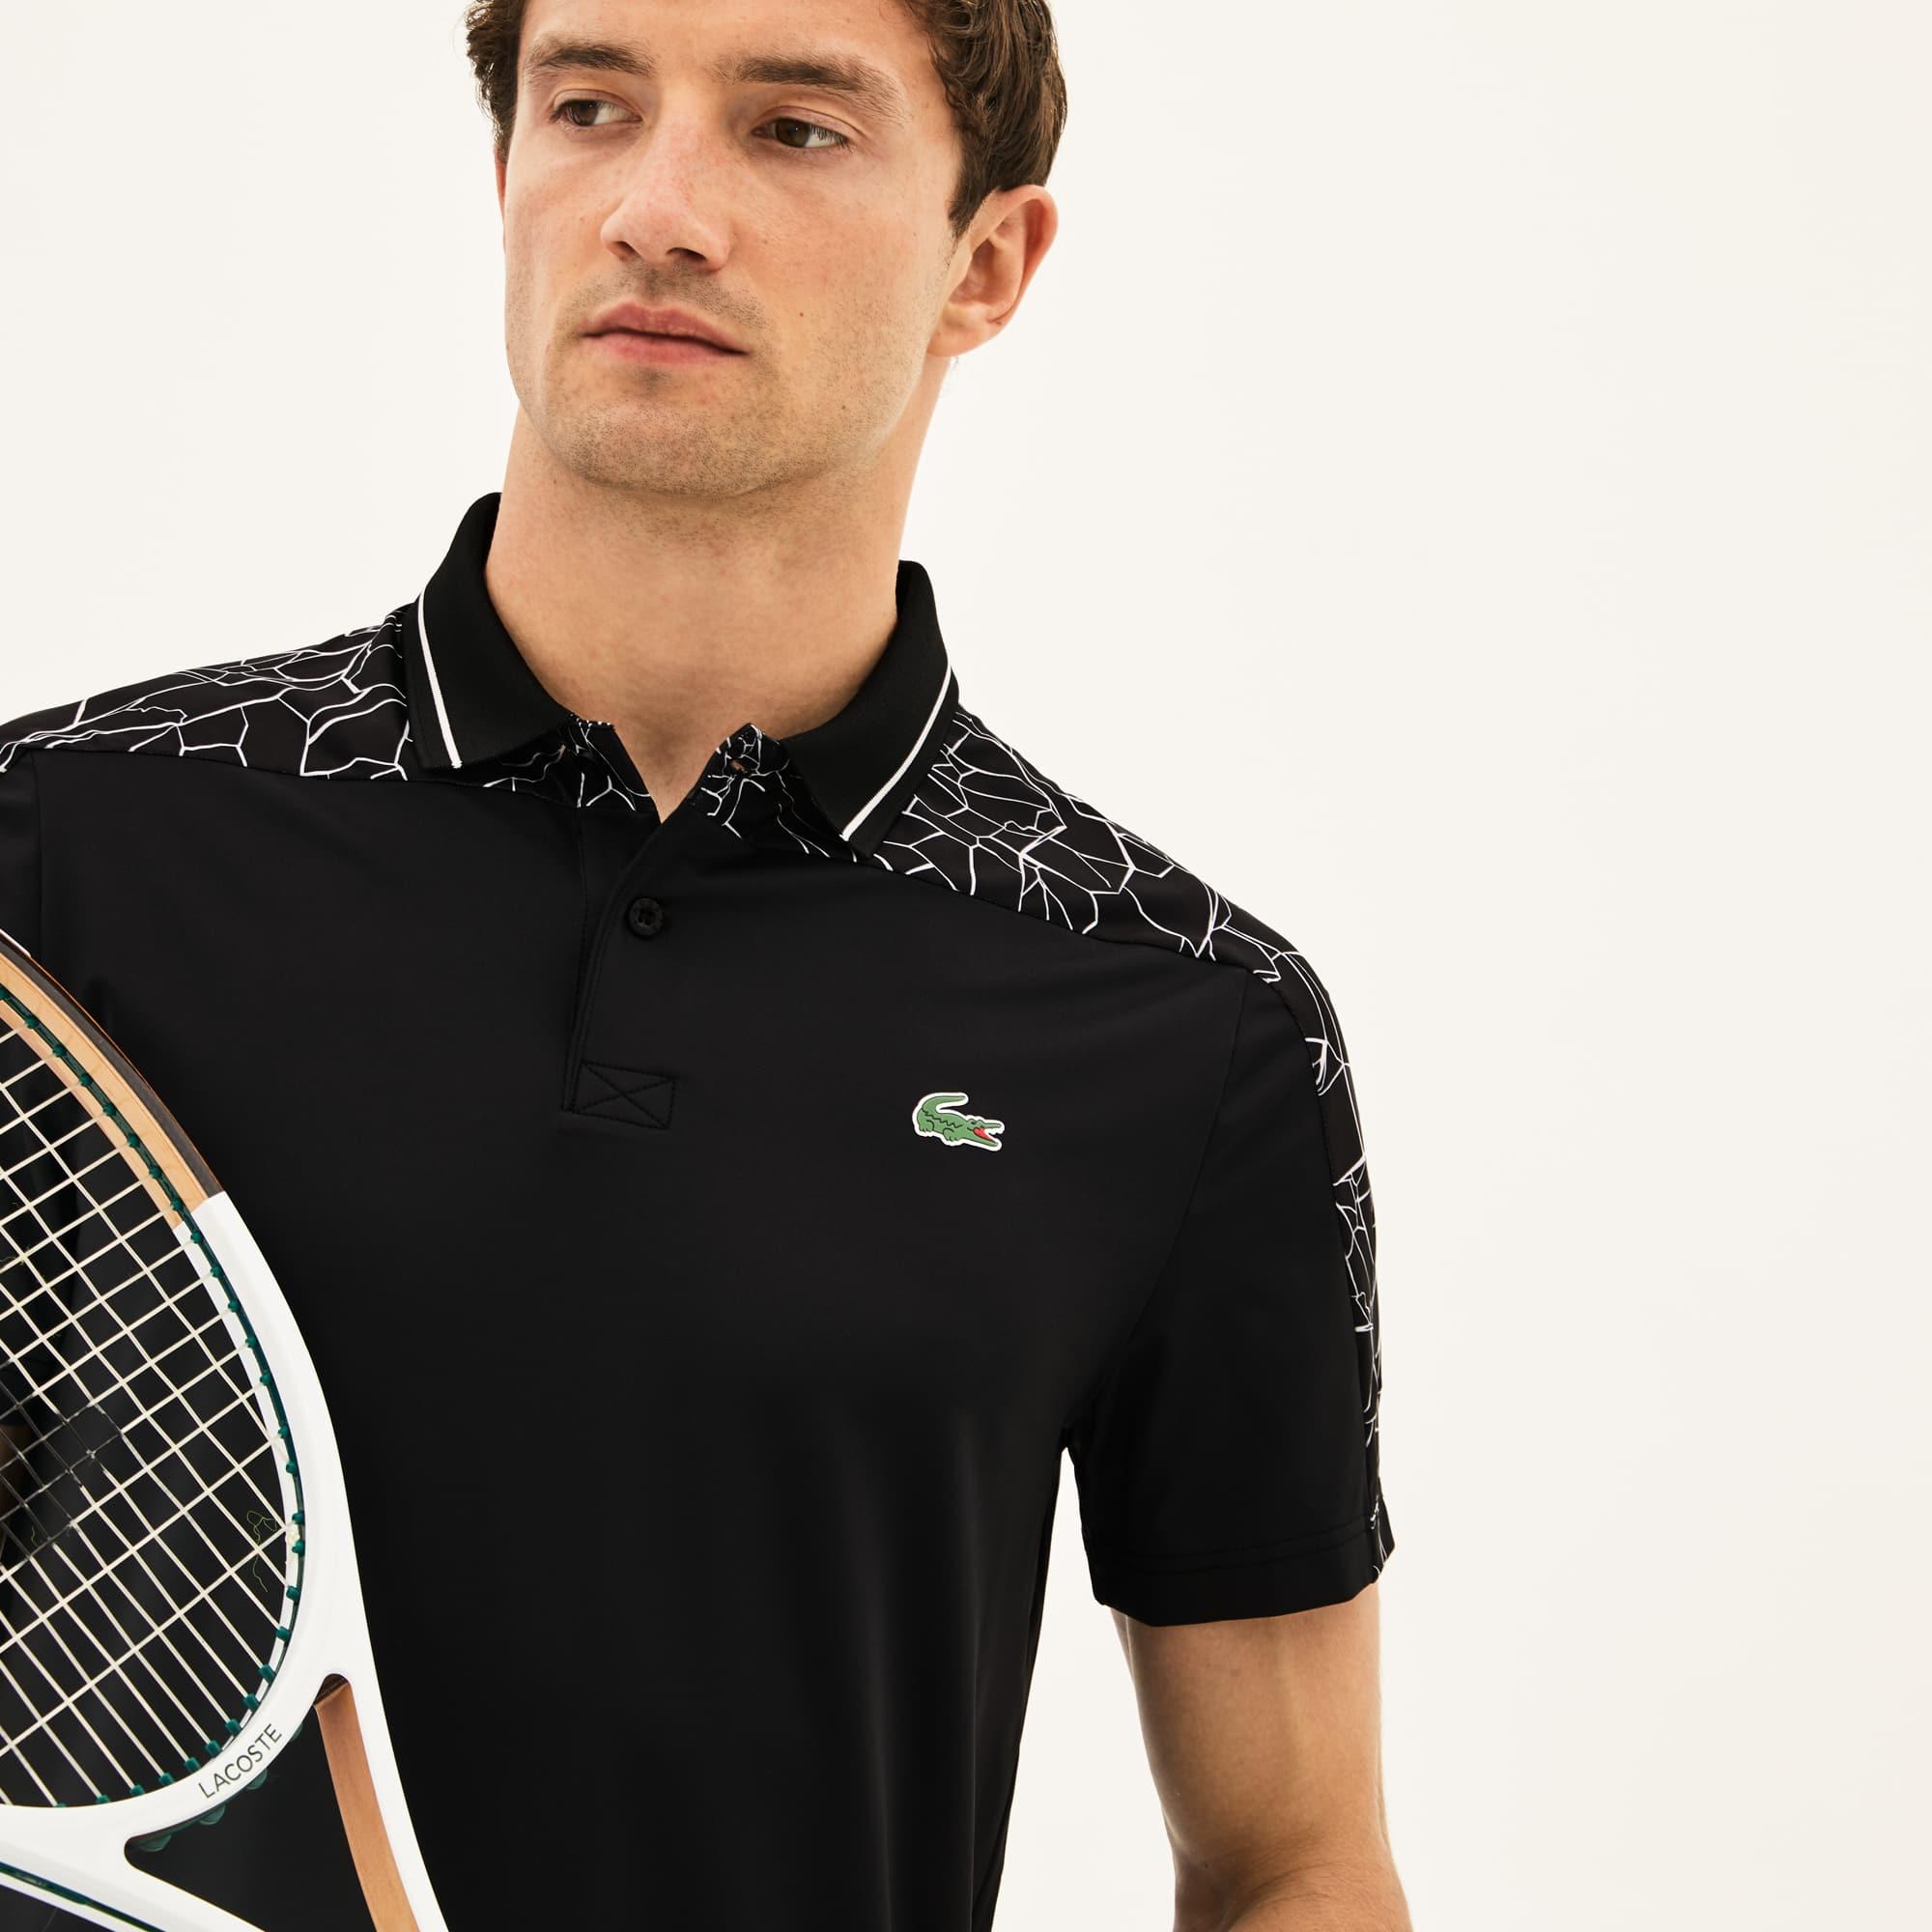 Polo Lacoste SPORT x Novak Djokovic